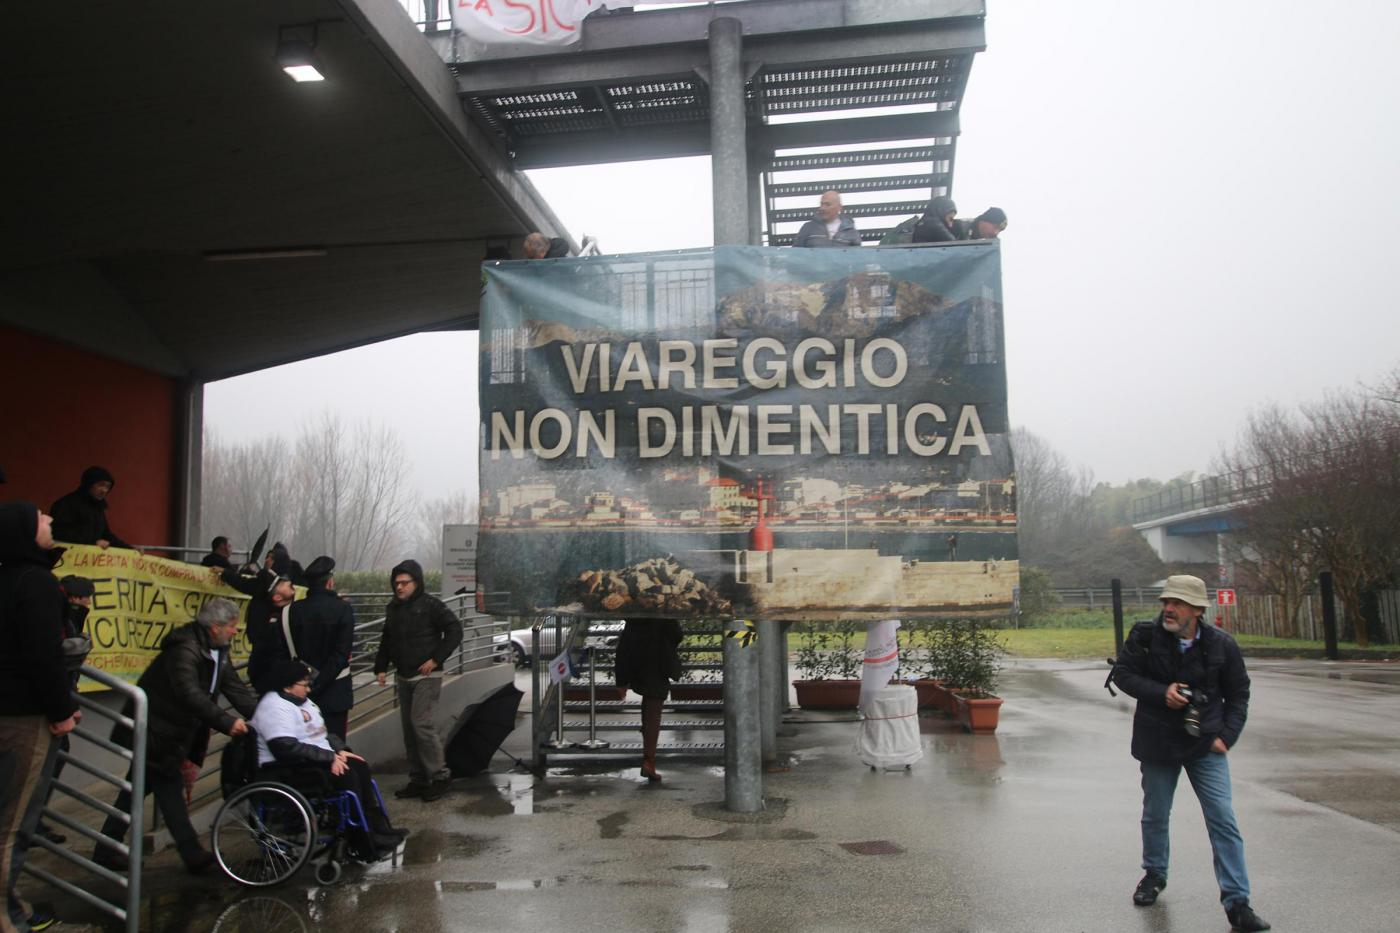 Strage Viareggio, la sentenza dopo oltre 7 anni dalla tragedia